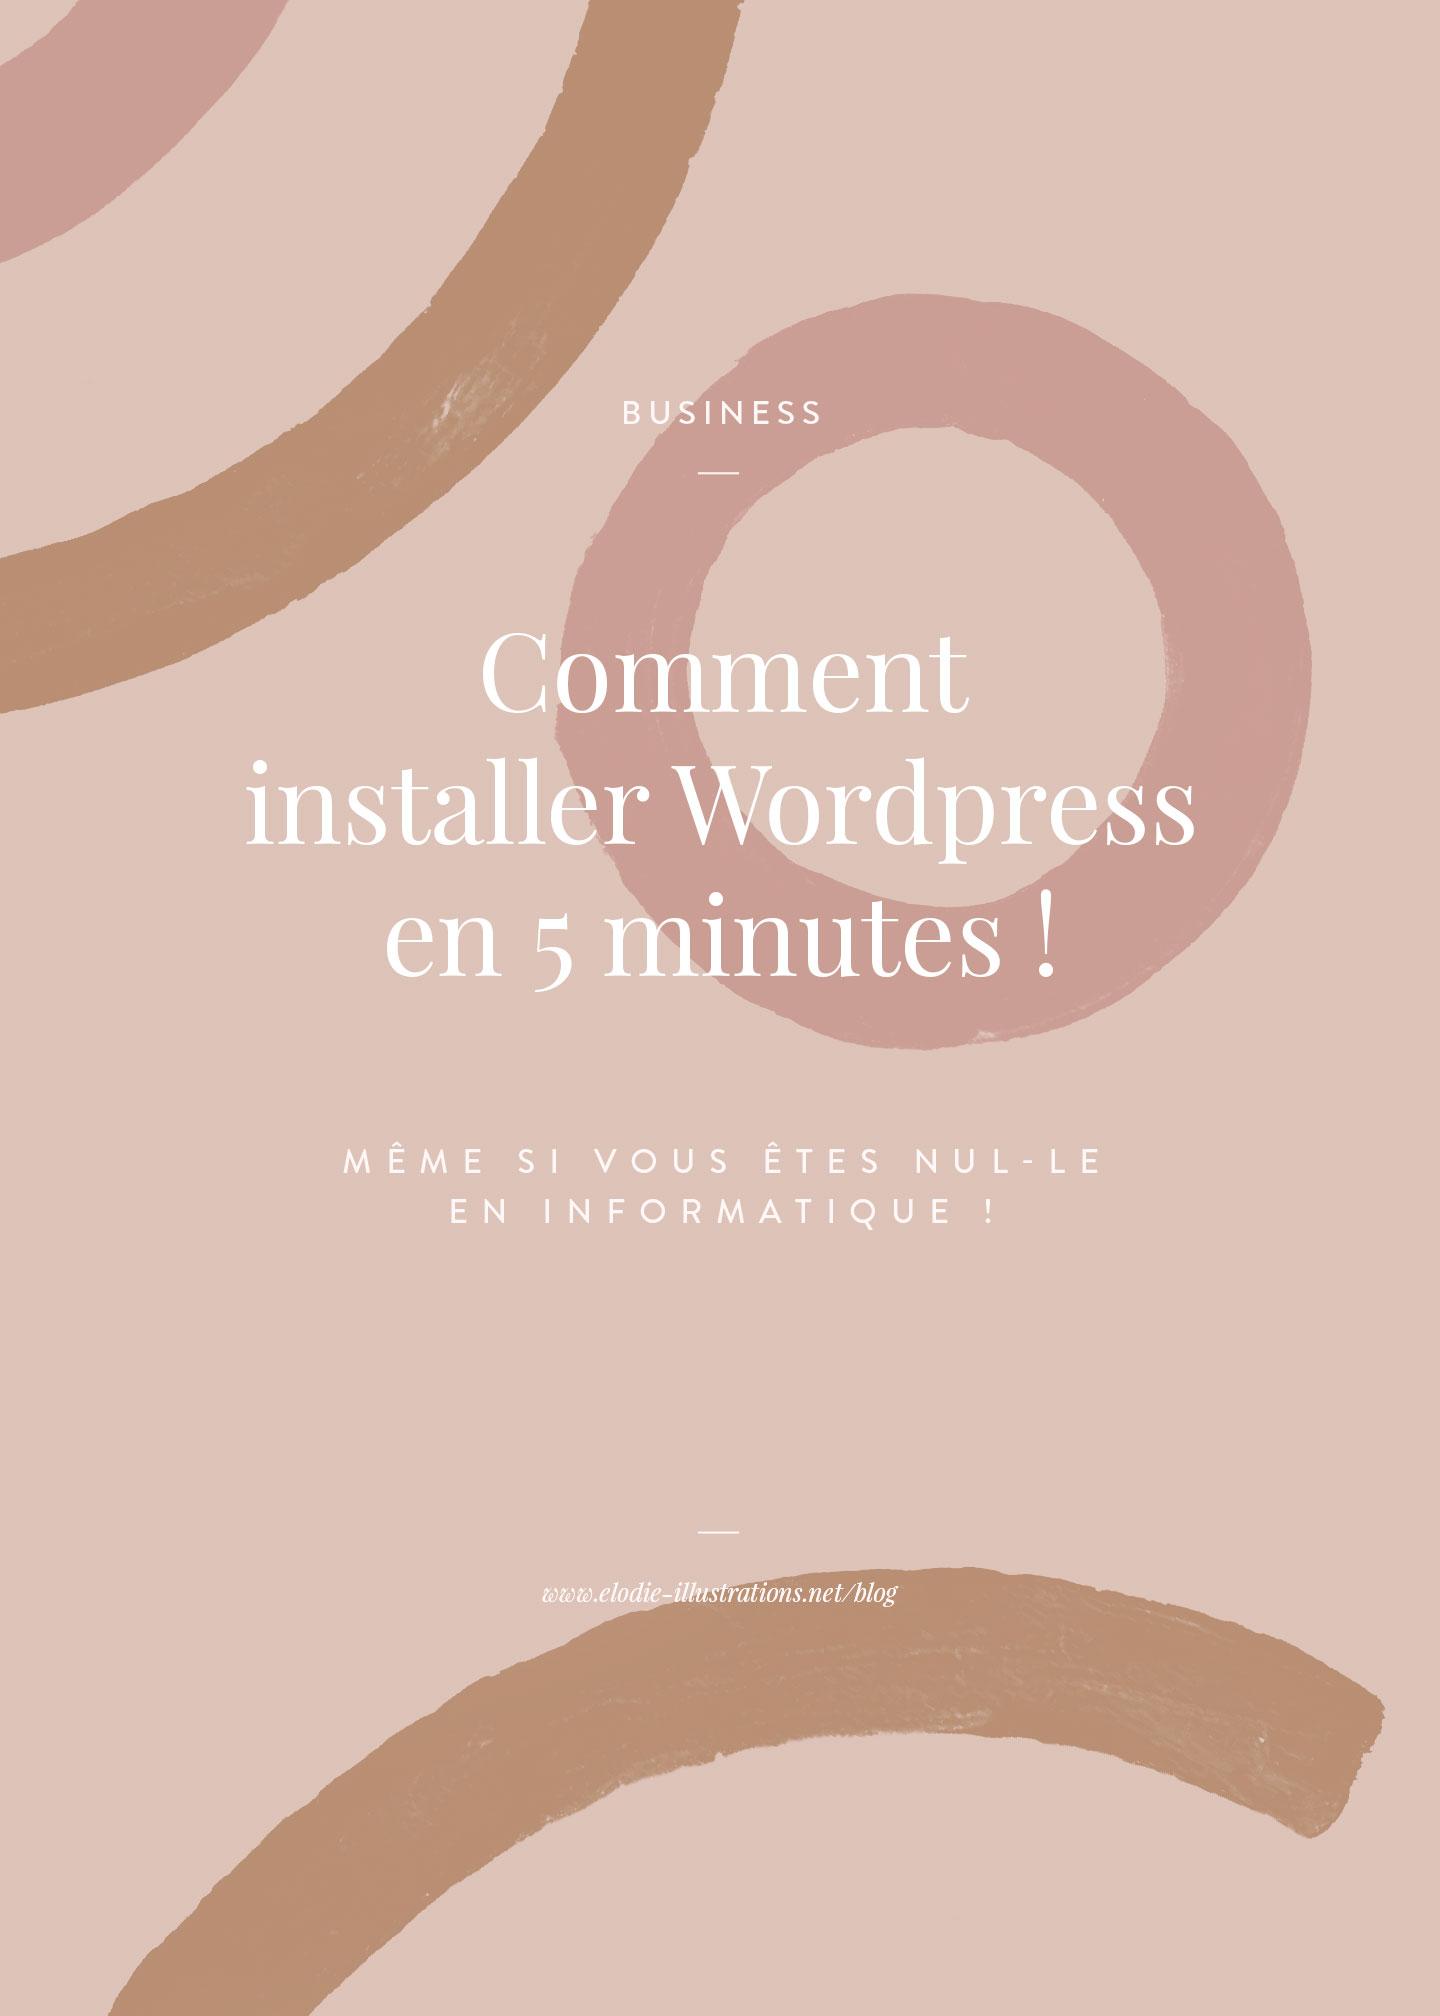 Comment installer WordPress en 5 minutes - Cliquez pour découvrir l'article